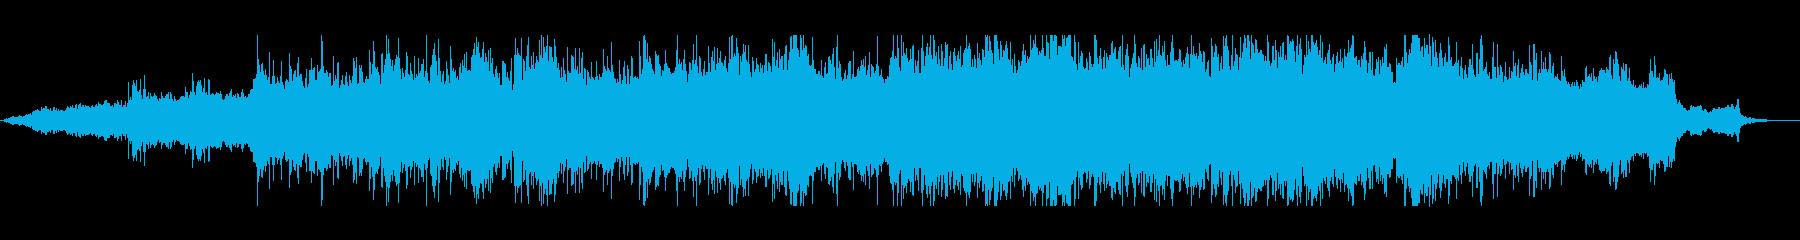 女性の高音の歌声が印象的なポップスの再生済みの波形